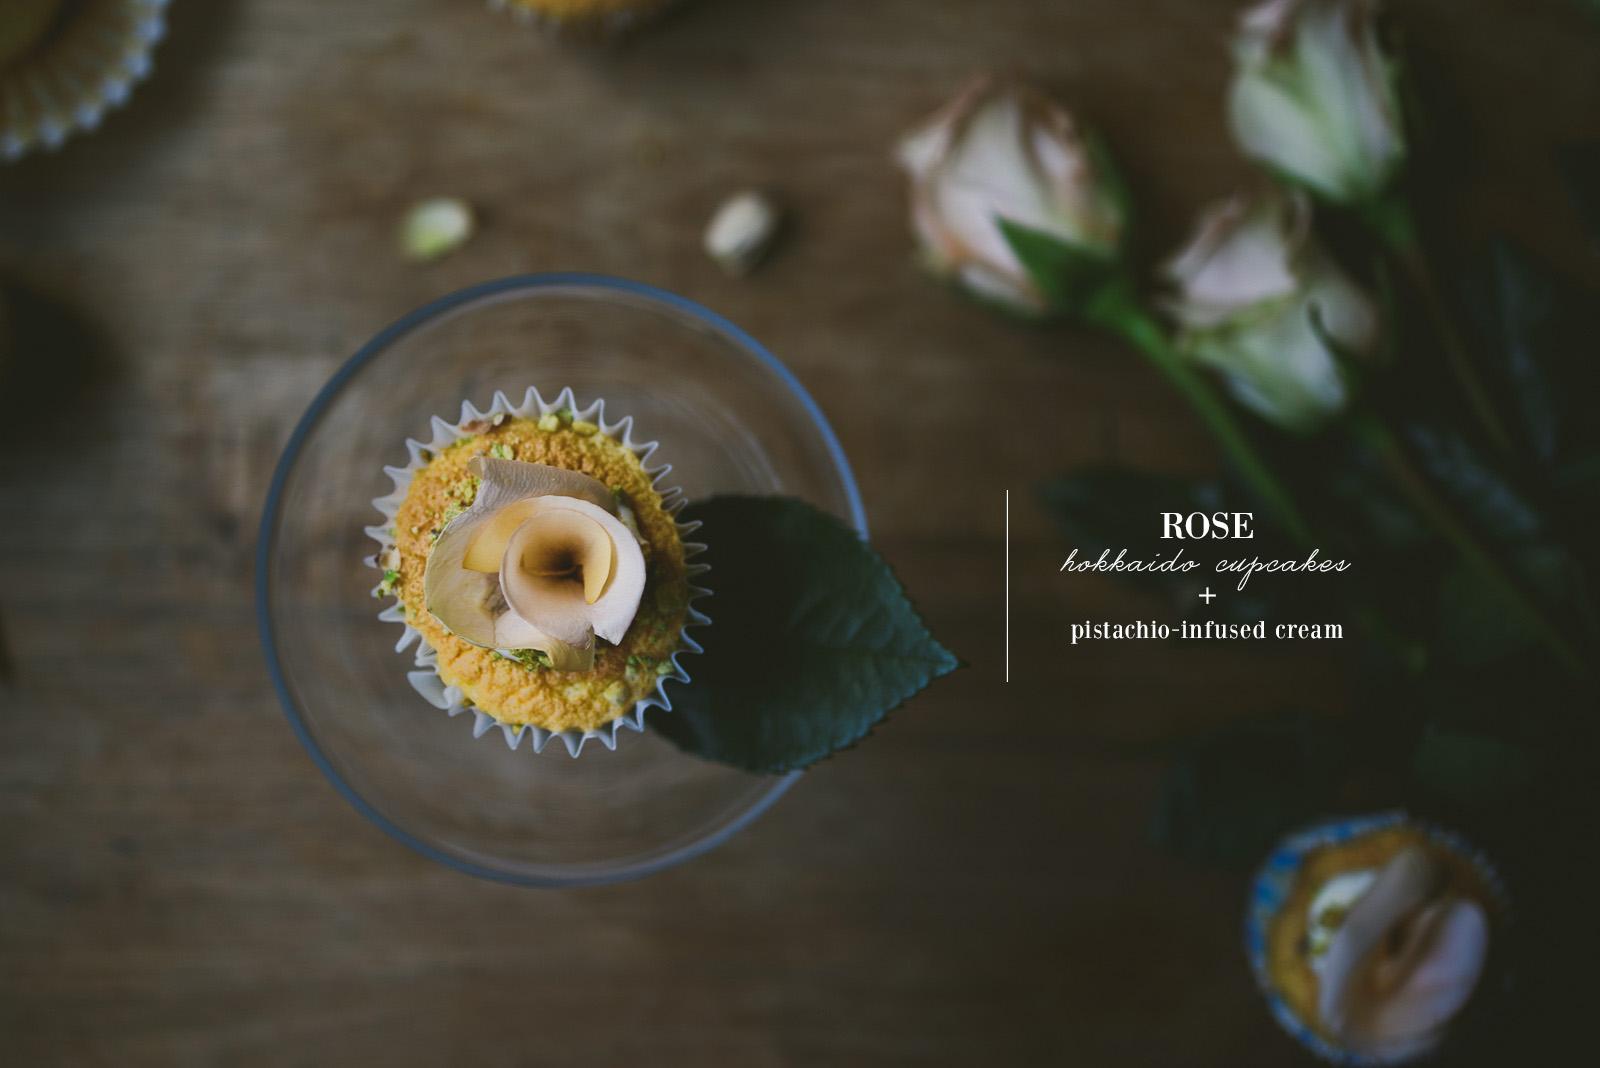 rose hokkaido cupcake | le jus d